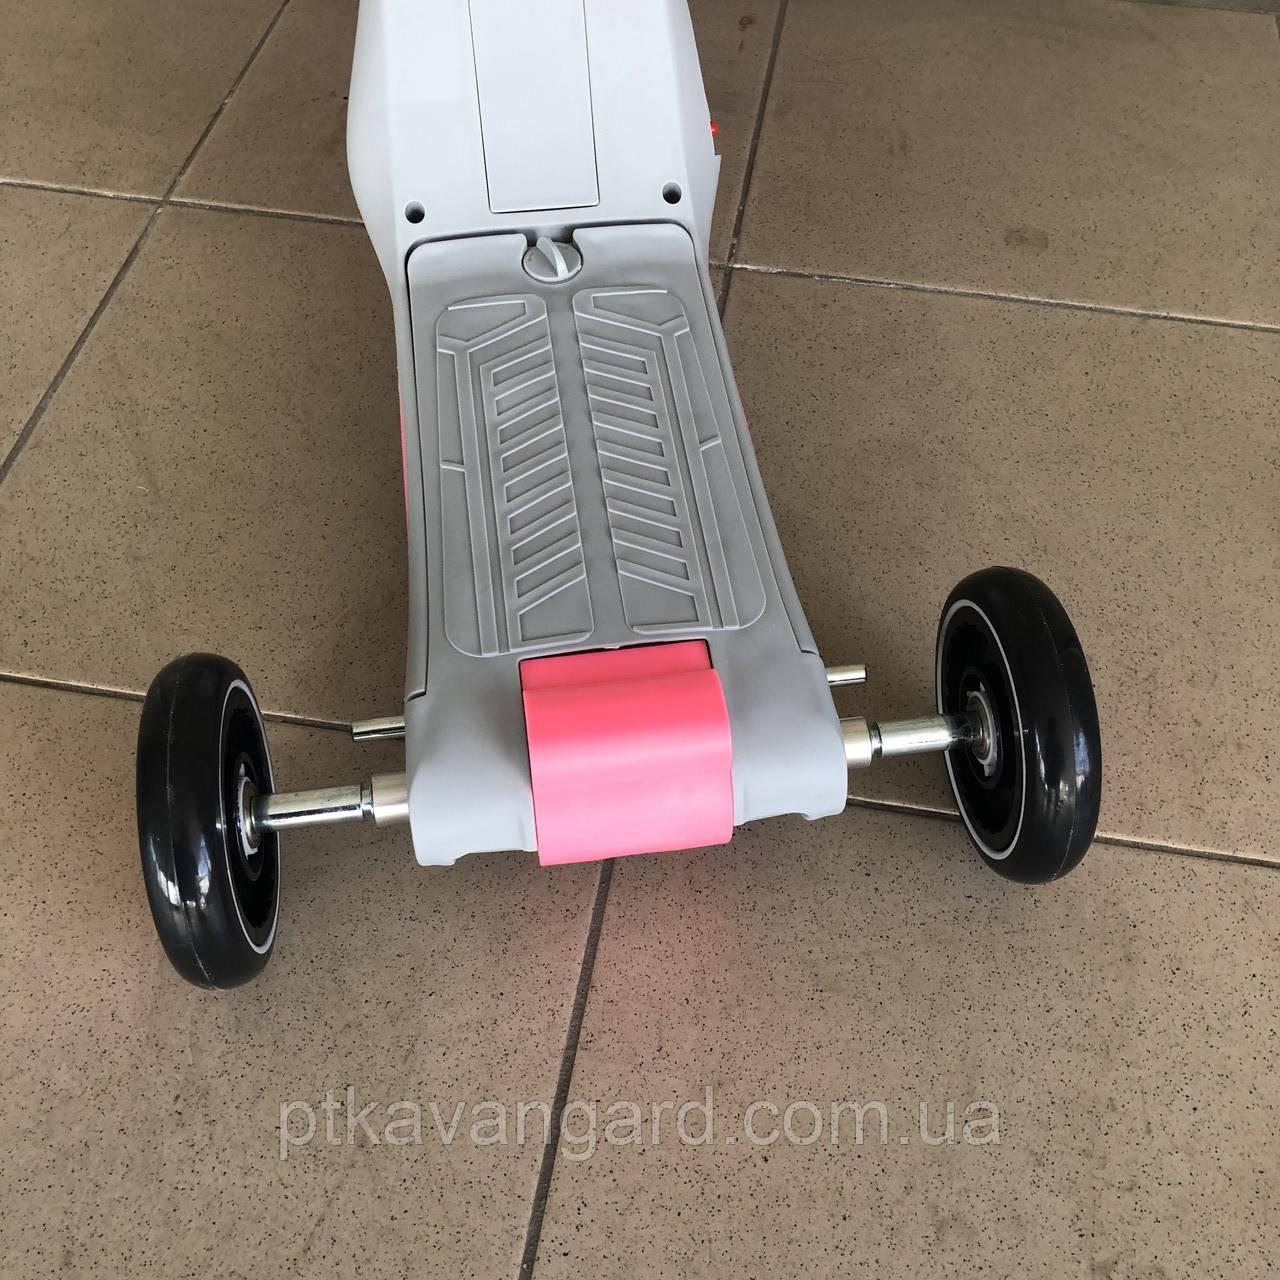 Велосипед триколісний Самокат Беговел 3 в 1 Сіро-рожевий трансформер музика підсвічування Best Scooter JT 90601, фото 5